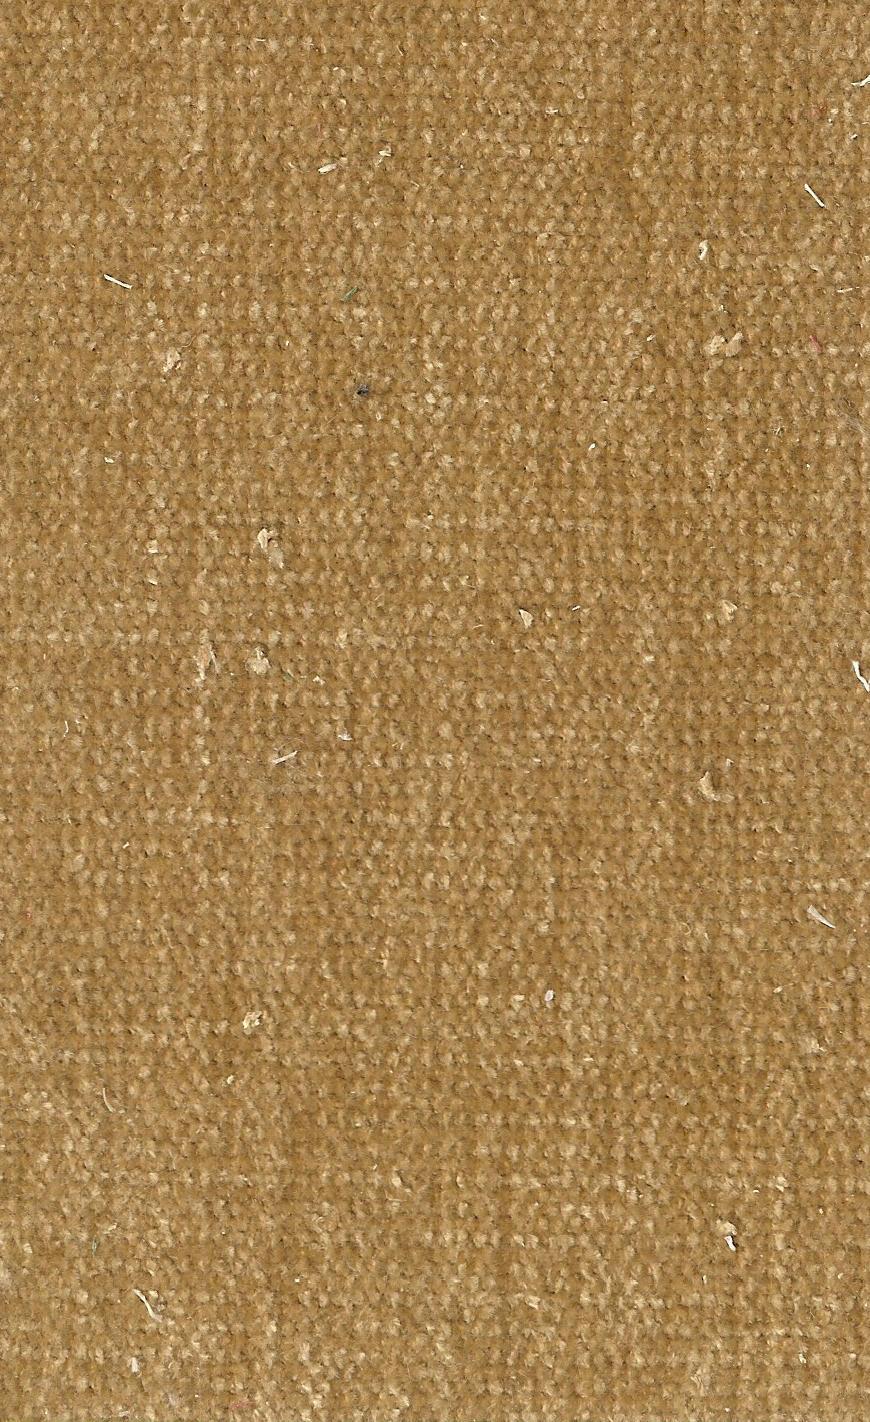 Brown Fabric by RoyaltyFreeStock on DeviantArt for Light Brown Velvet Texture  58cpg